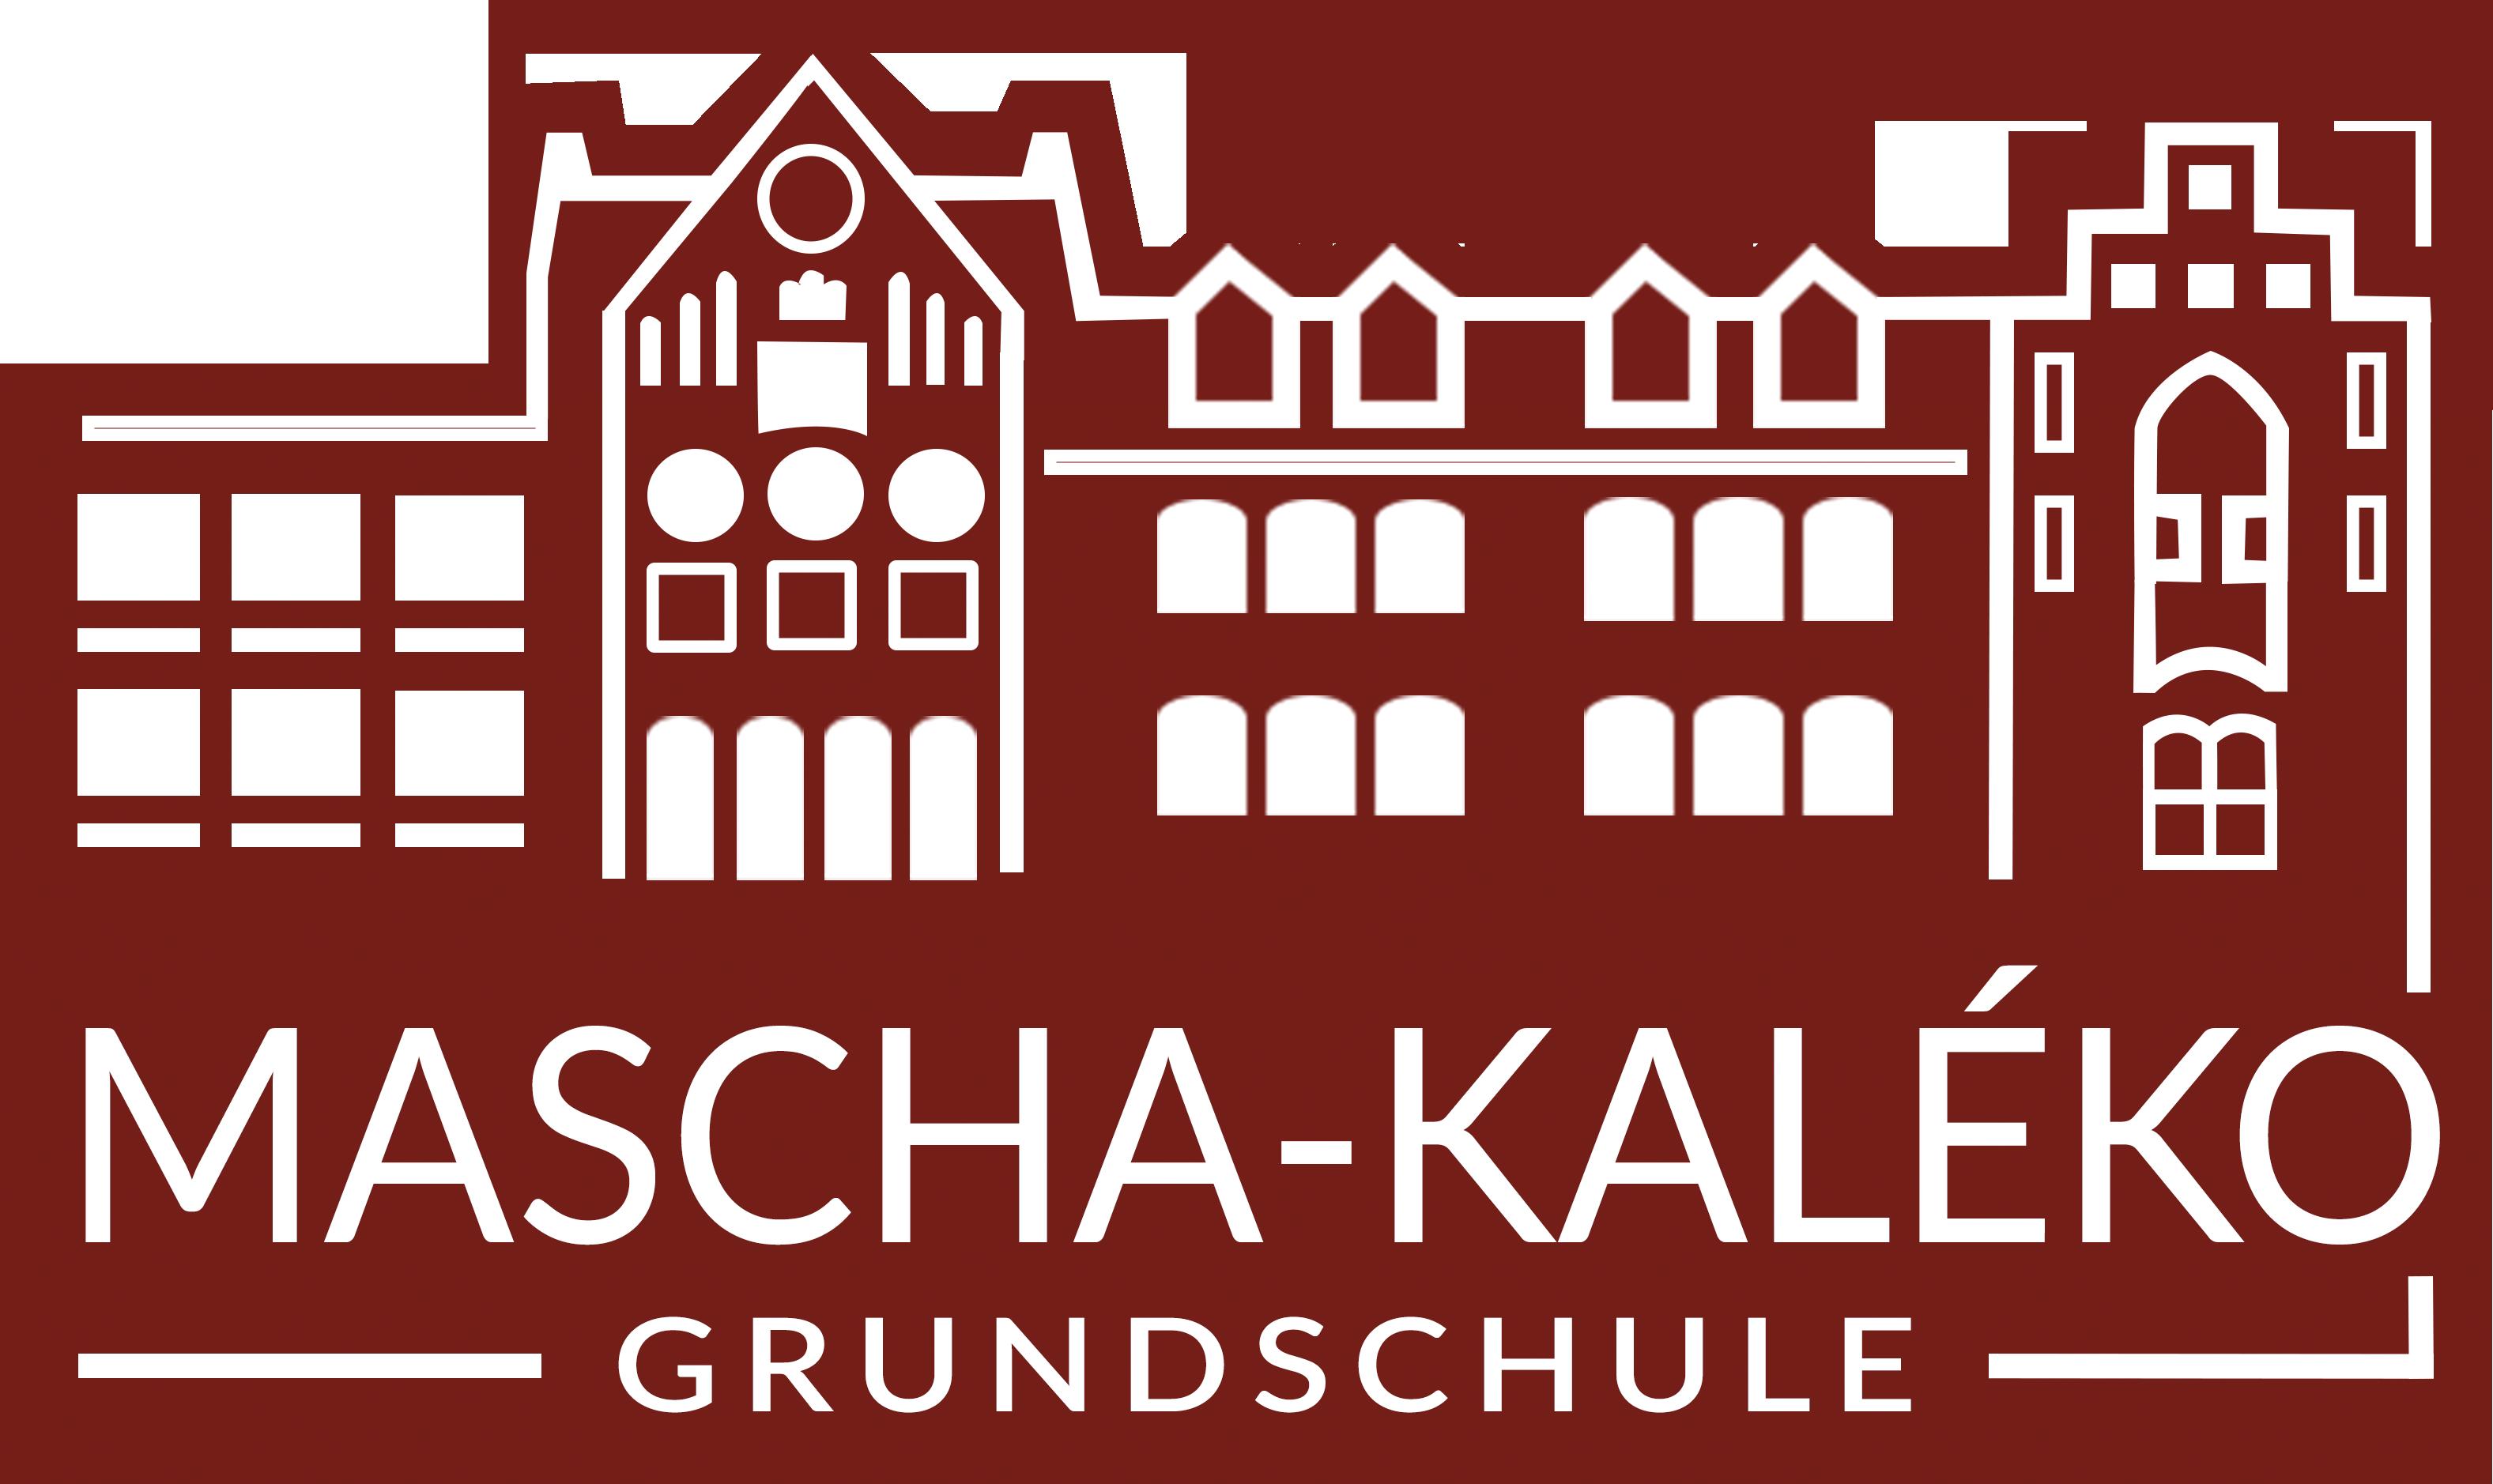 Mascha-Kaléko-Grundschule